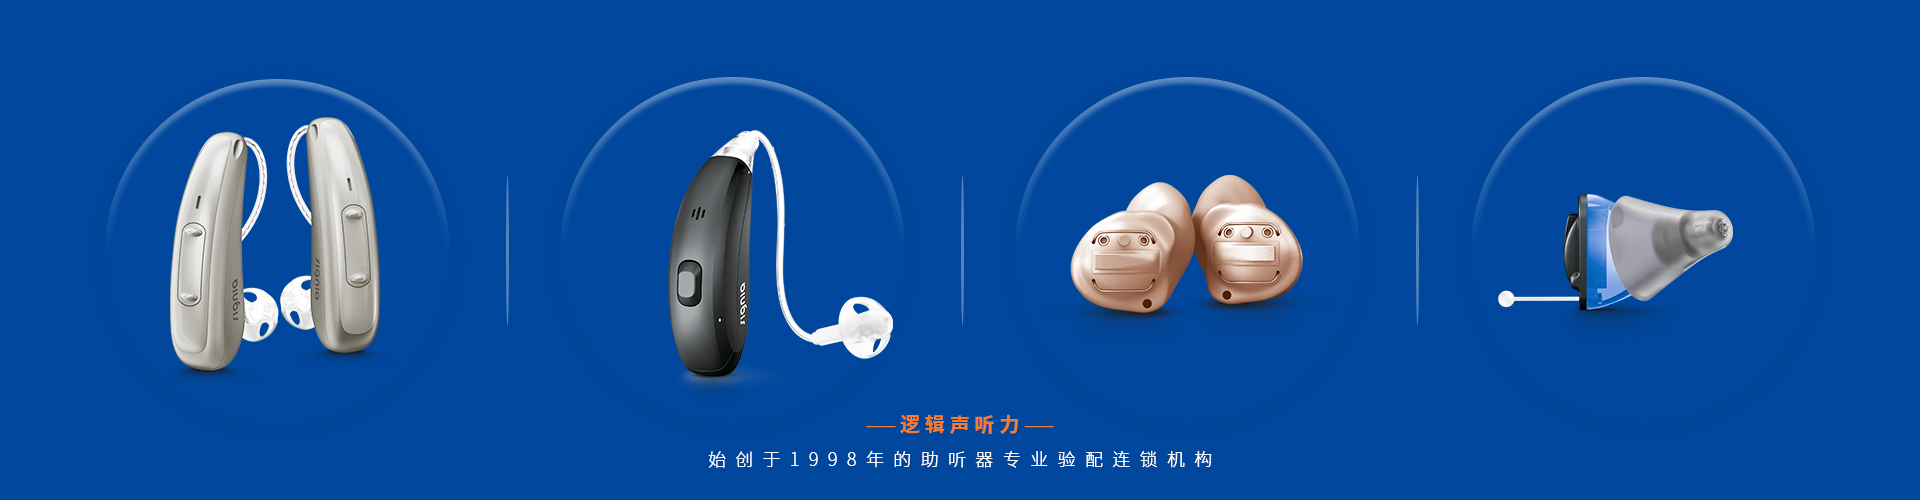 重庆儿童助听器